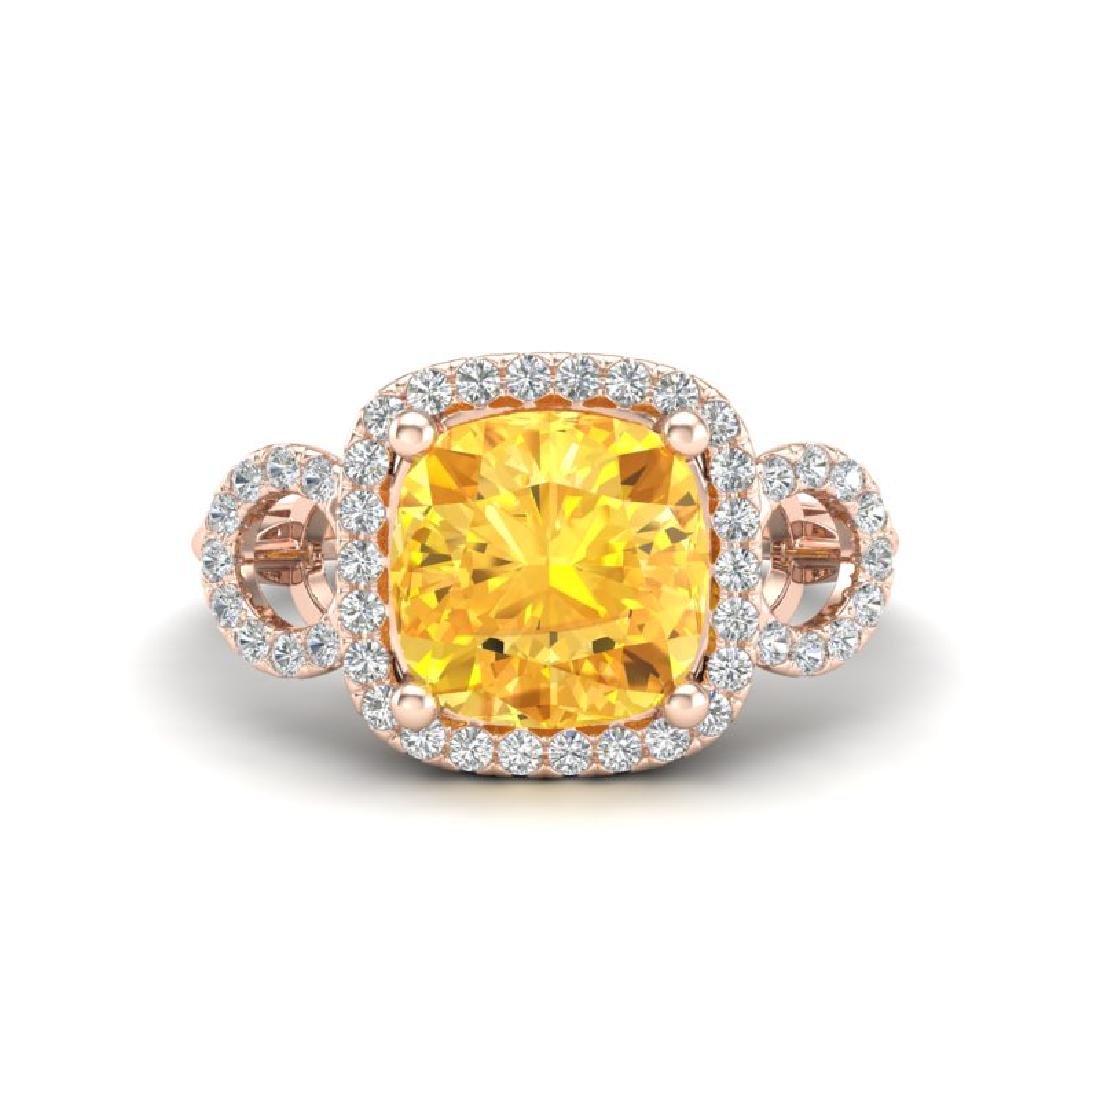 3.75 CTW Citrine & Micro VS/SI Diamond Ring 14K Rose